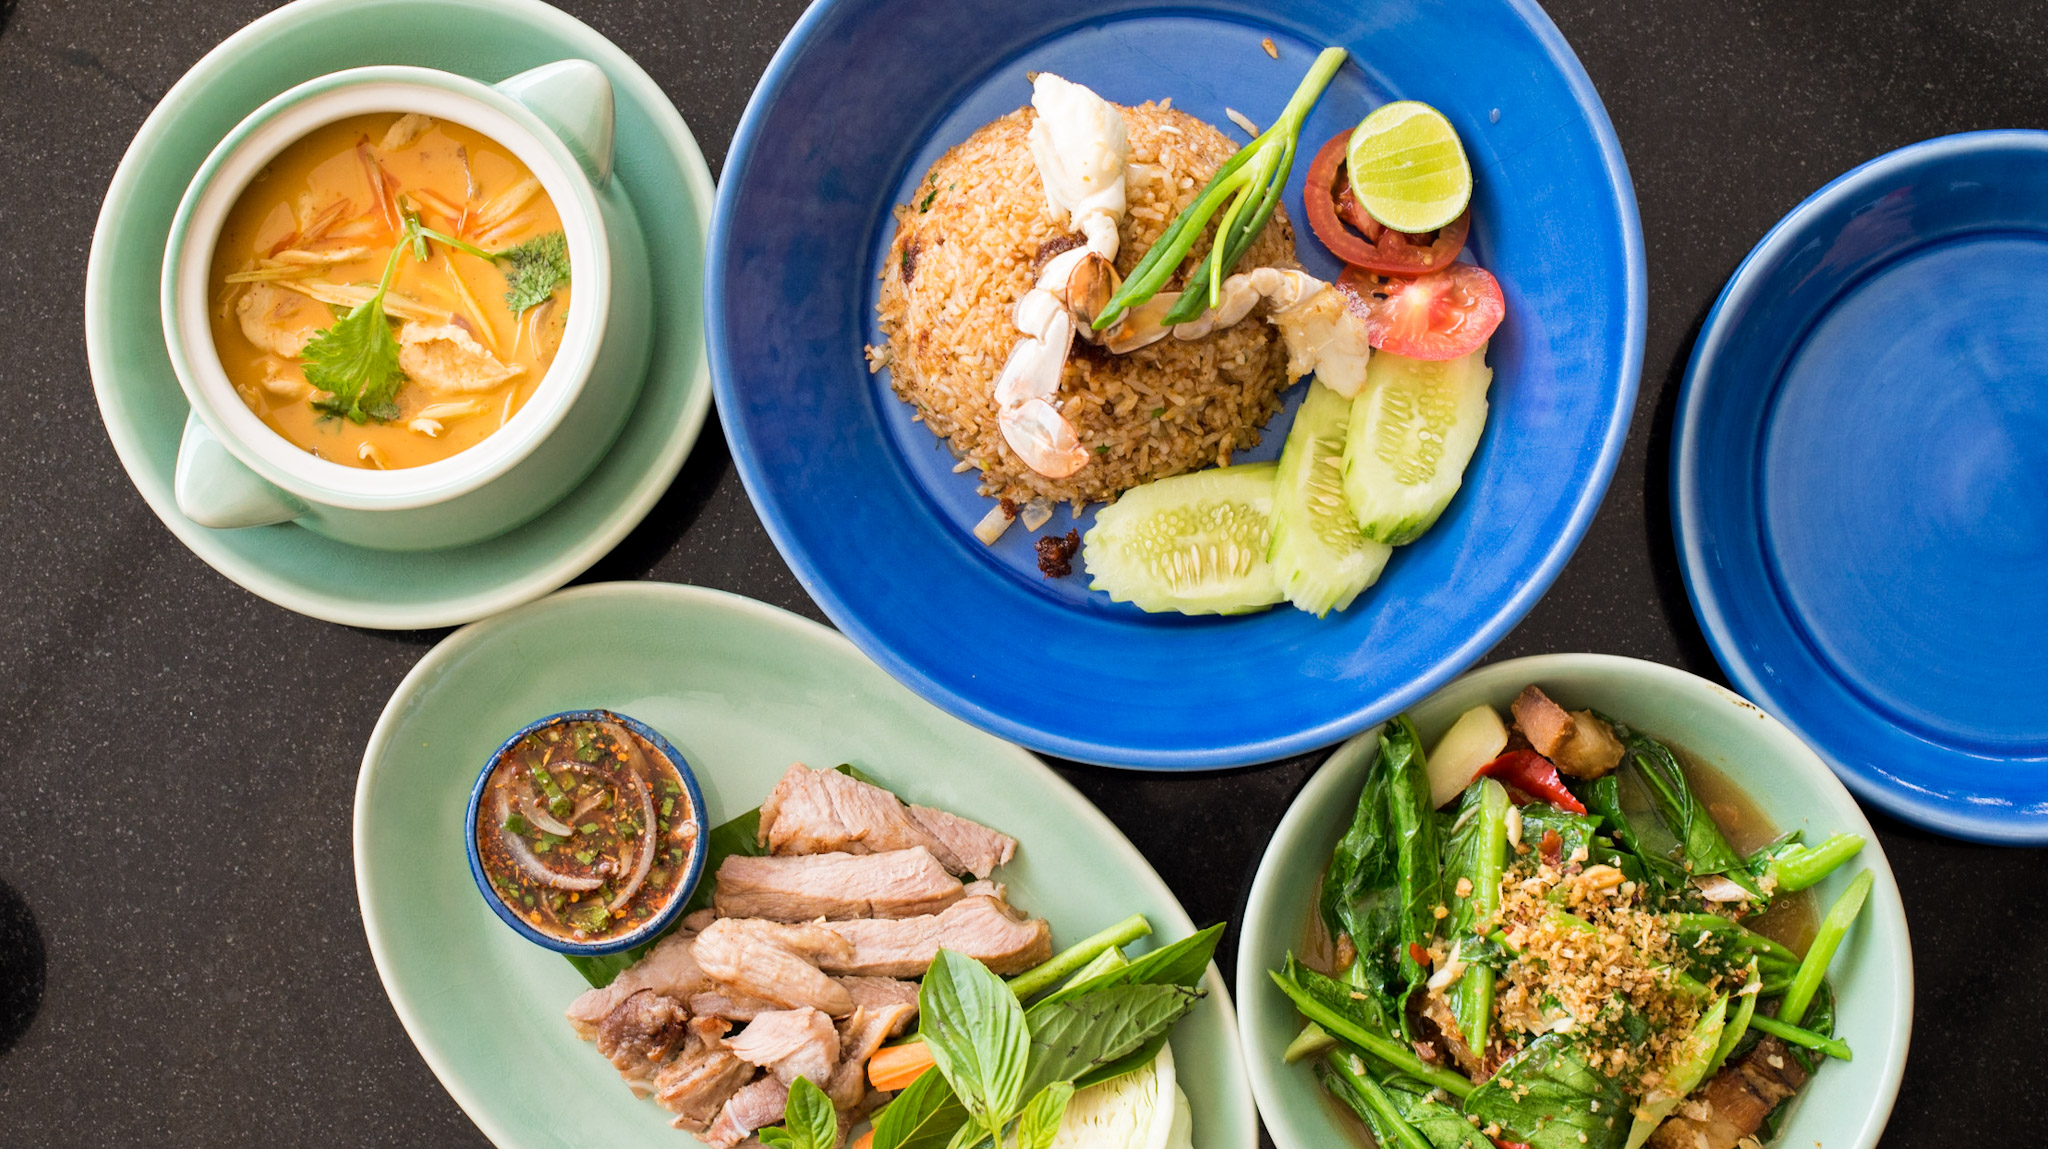 Delicious Thai Food The Pool House - Hyatt Regency Phuket Resort